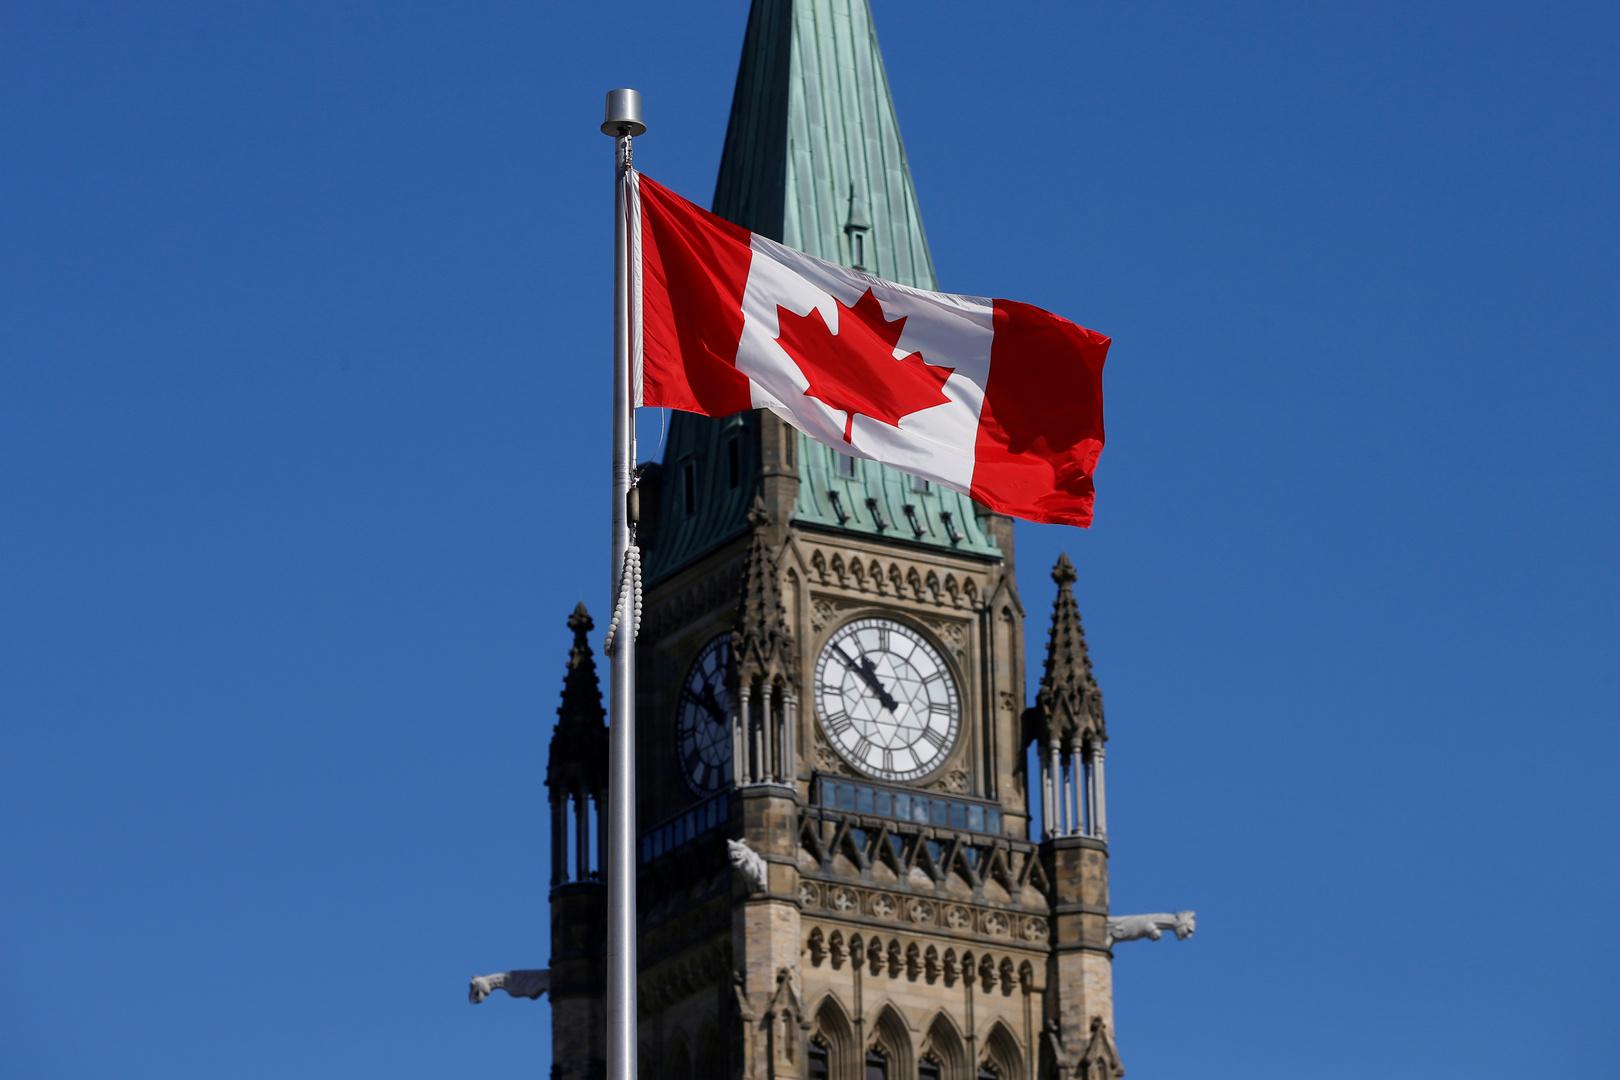 العلم الكندي أمام برج السلام في كندا